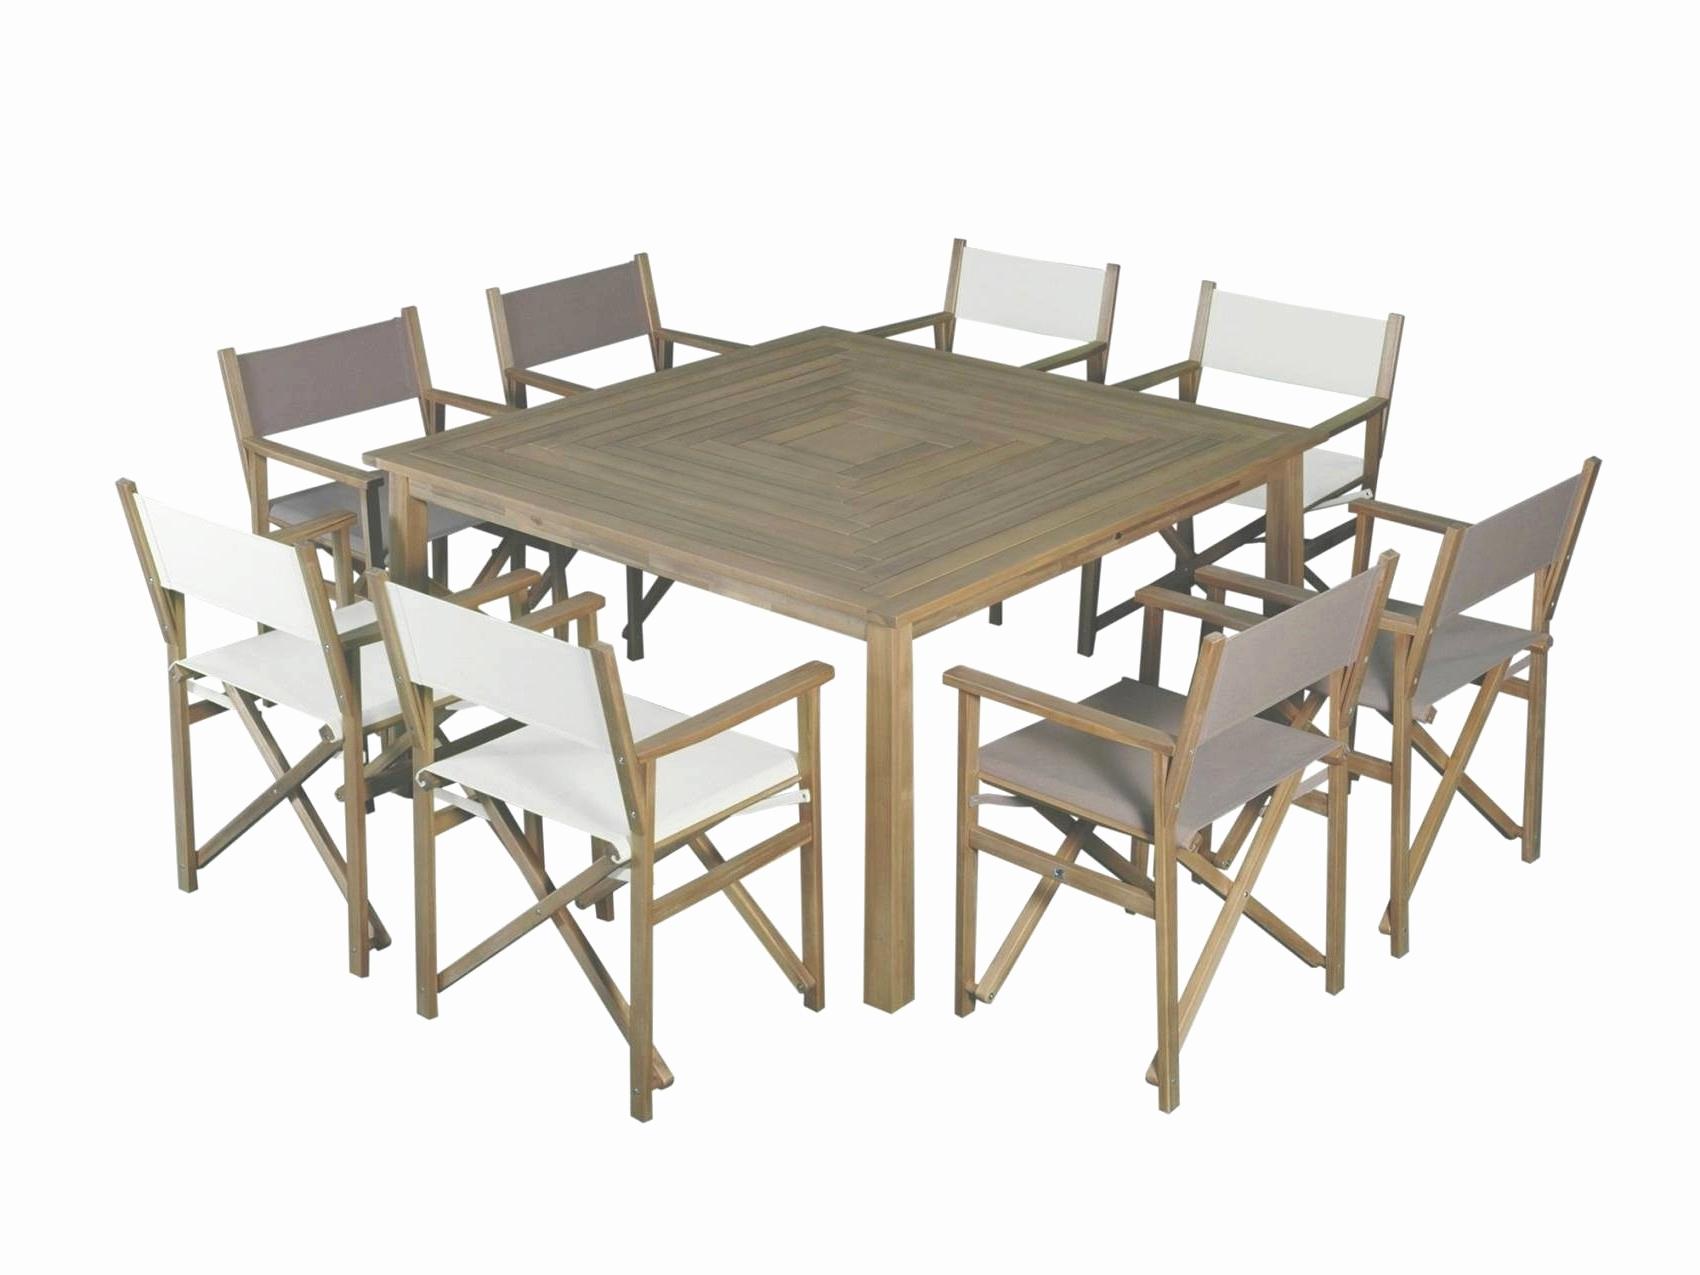 Salon de jardin plastique leclerc chaise longue jardin leclerc chaise longue leclerc with salon - Soldes salon de jardin leclerc ...